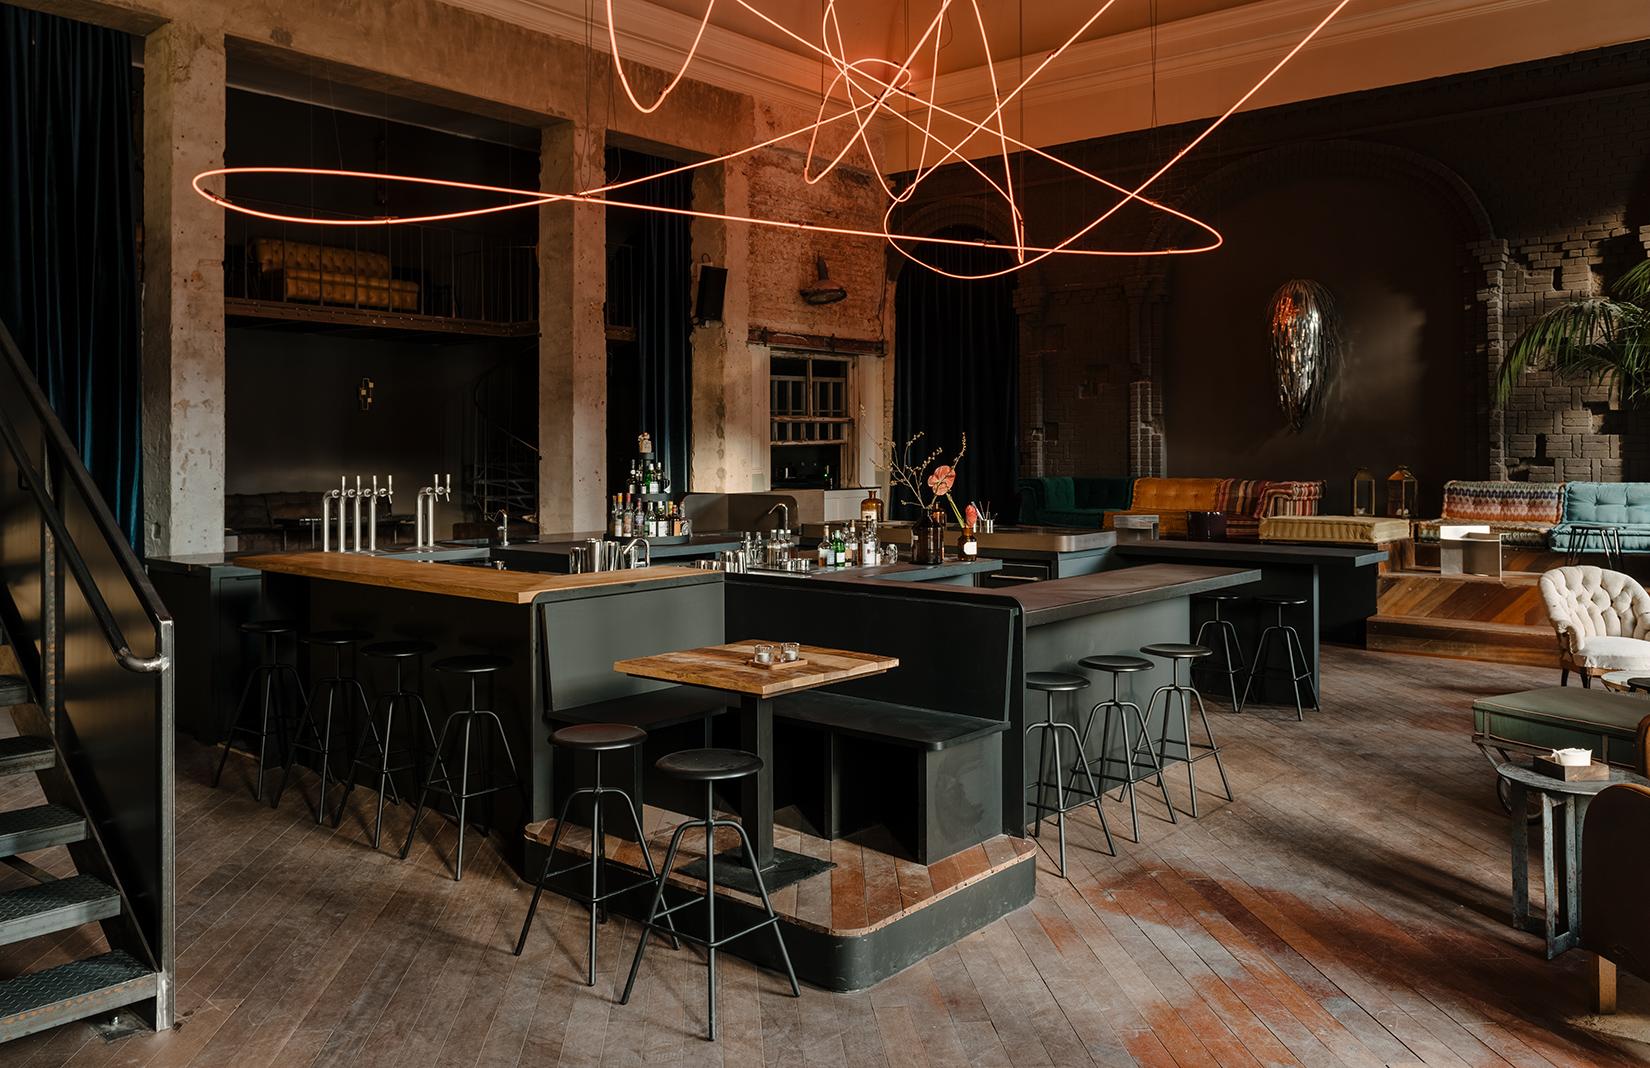 Berlin Restaurants In Extraordinary Spaces